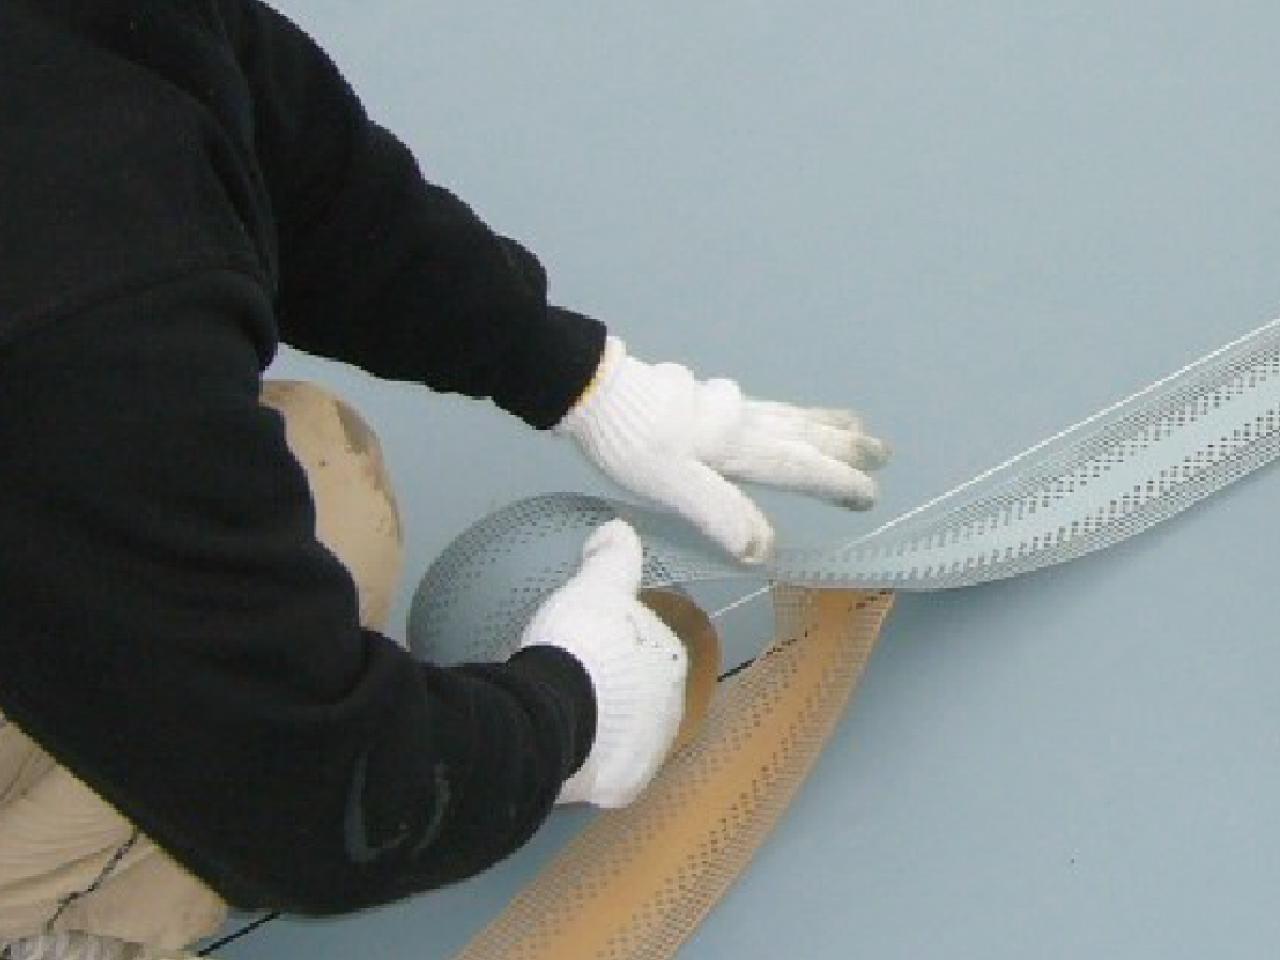 シート系防水と塗膜系防水の長所を兼ね添えた工法です。絶縁工法の為、建物挙動の影響を受けにくく信頼性の高い防水工法です。小面積から大面積まで施工箇所を選びません。通気層もある為、改修工事でも活躍しています。